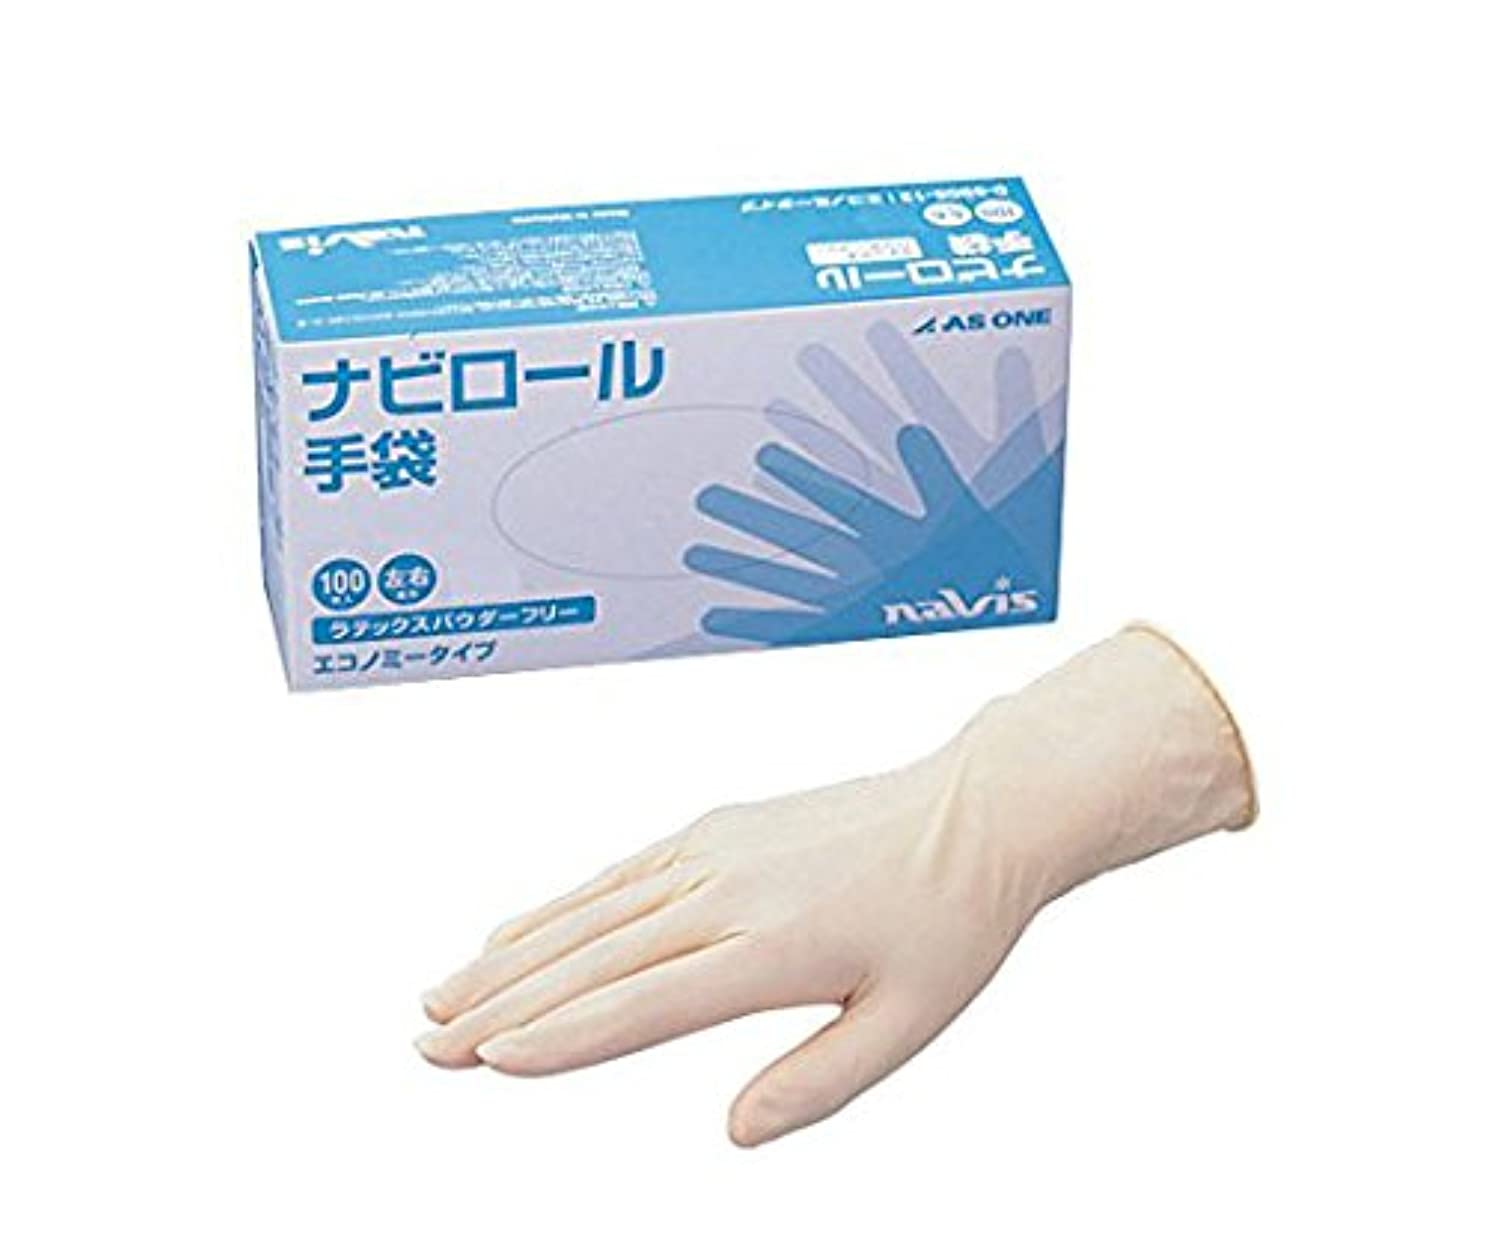 反対期待残りアズワン0-5905-22ナビロール手袋(エコノミータイプ?パウダーフリー)M100枚入